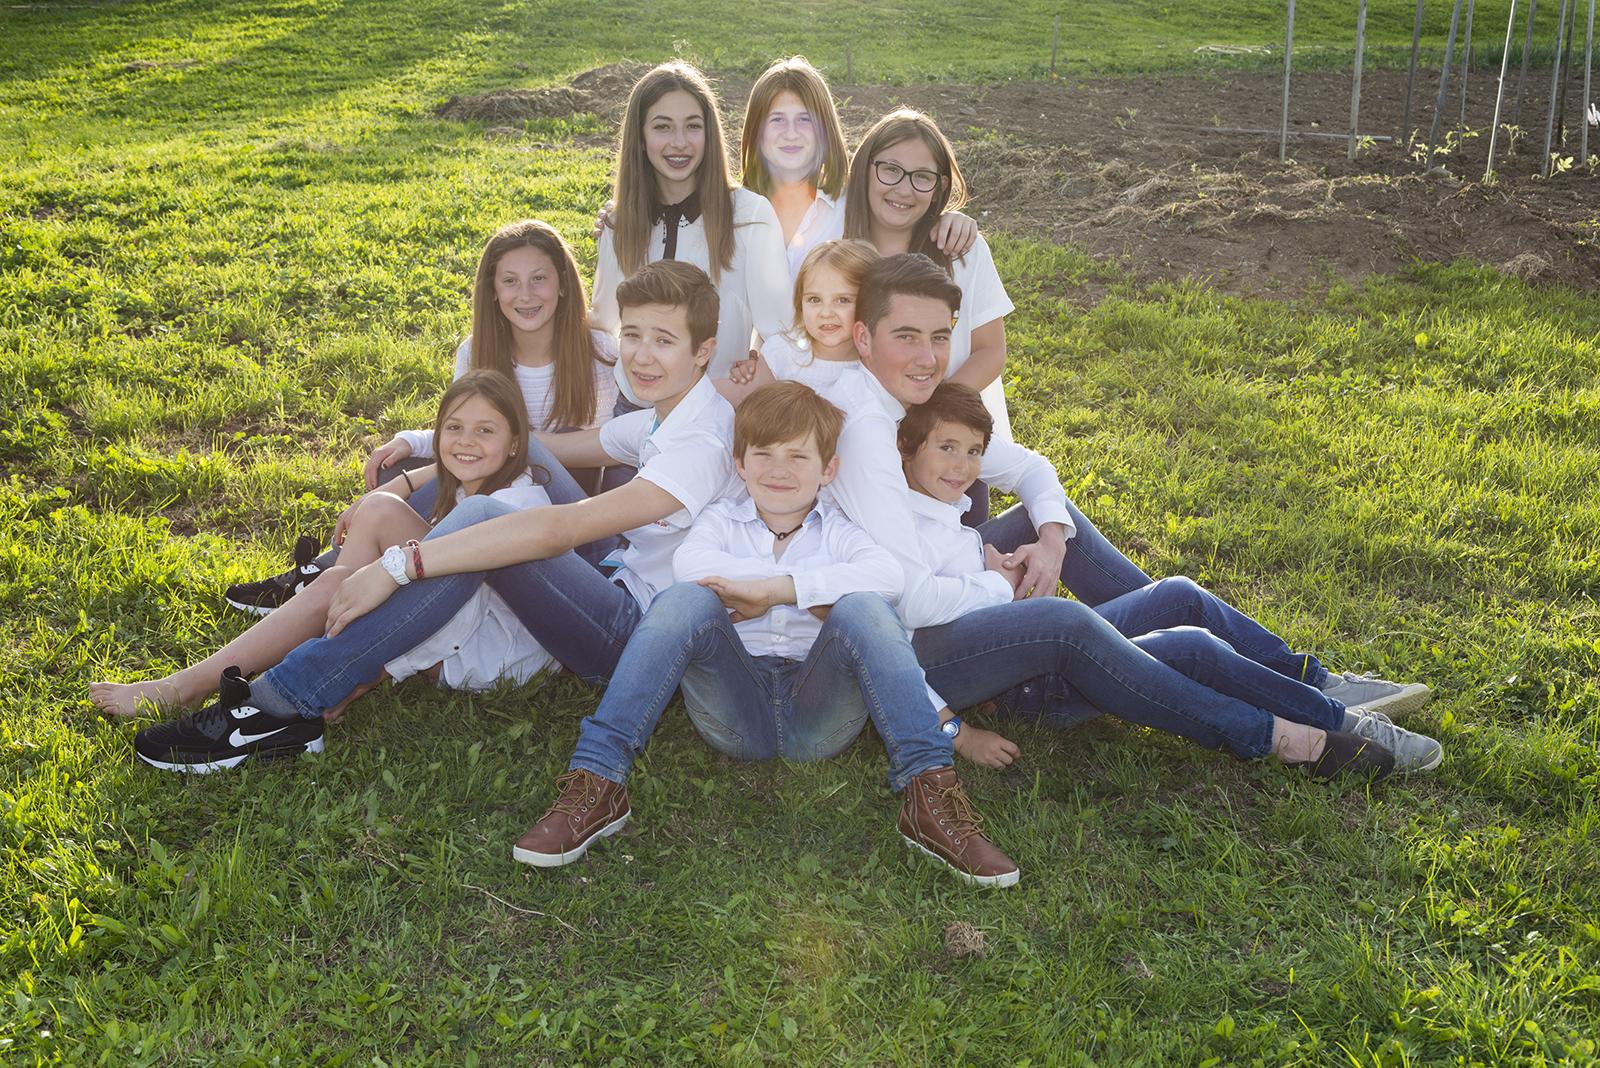 famille cousins assis dans l'herbe